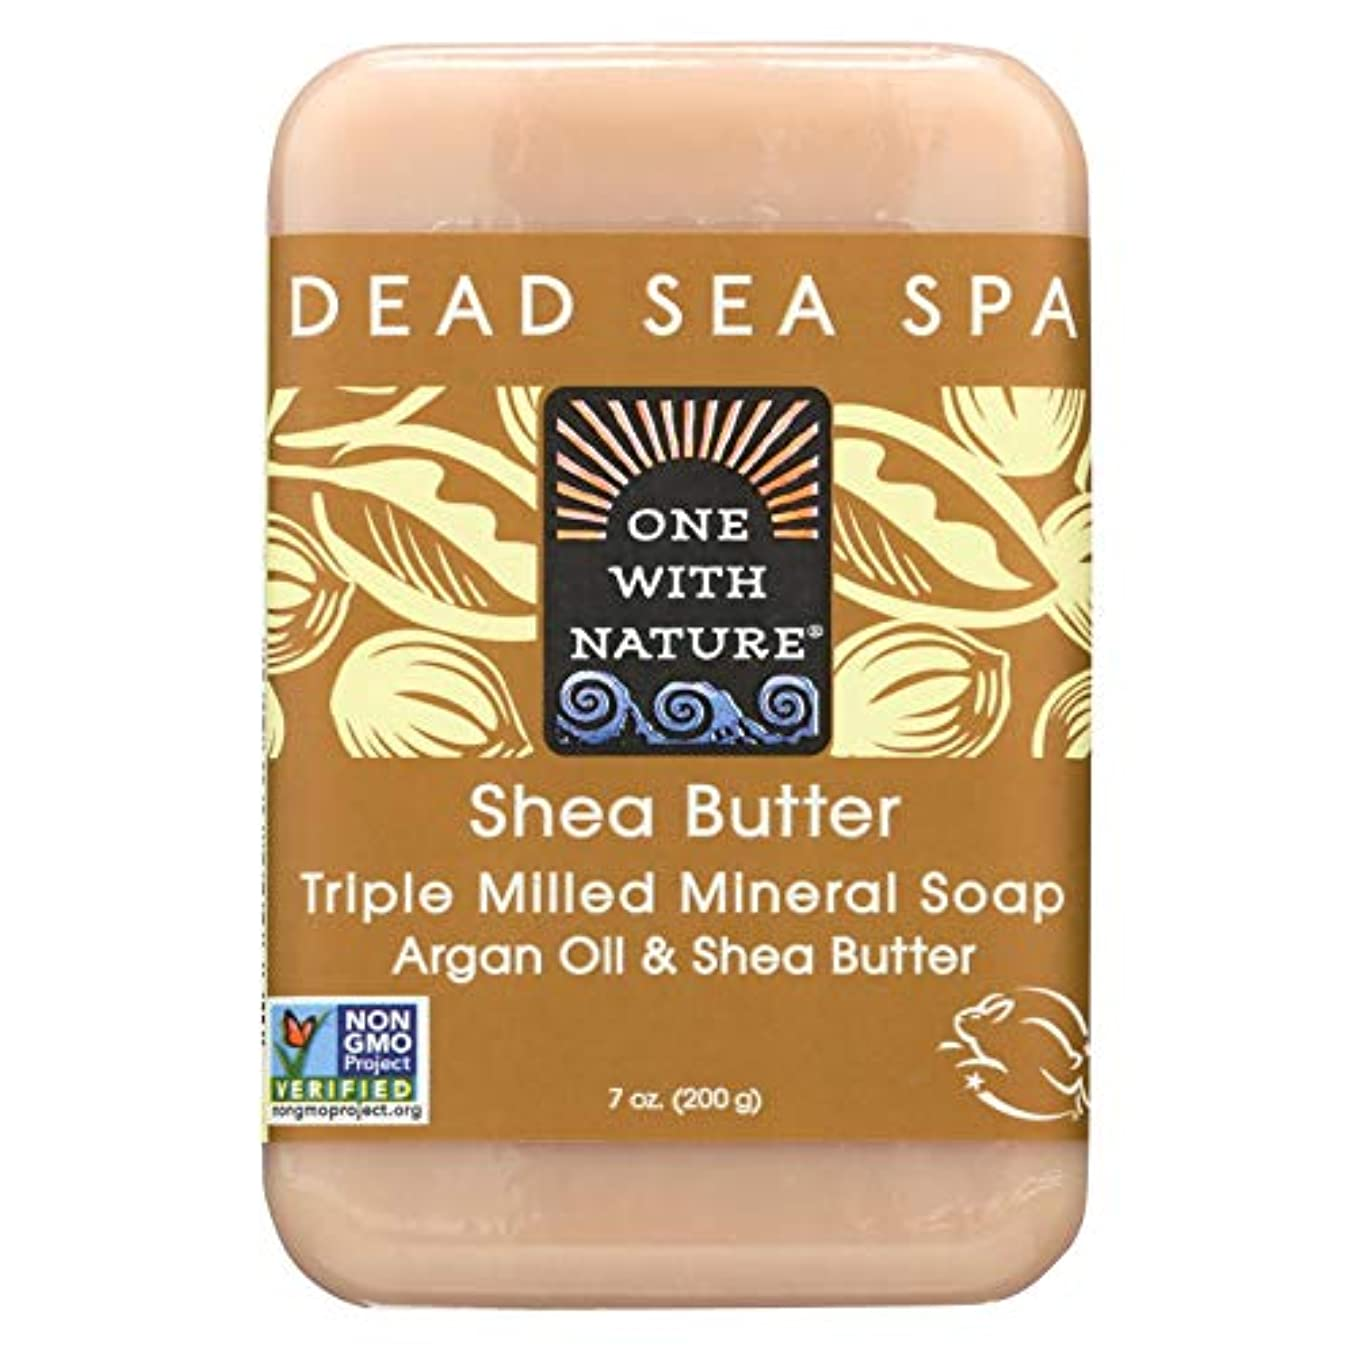 子羊簡略化する不注意Dead Sea Mineral Shea Butter Soap - 7 oz by One With Nature